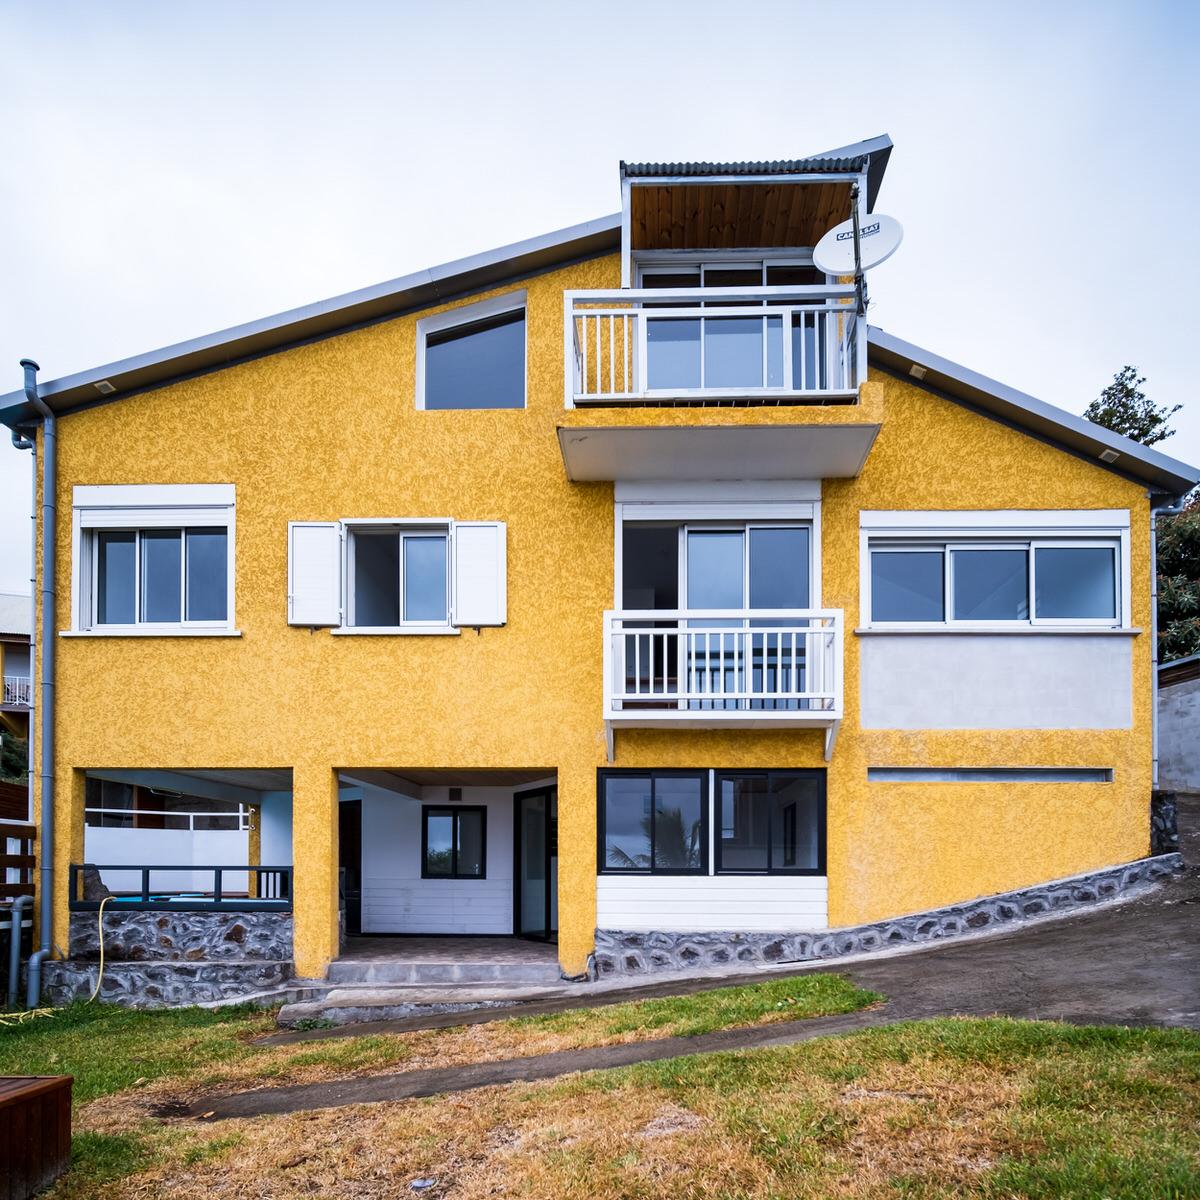 Photographe-Immobilier-La-Reunion